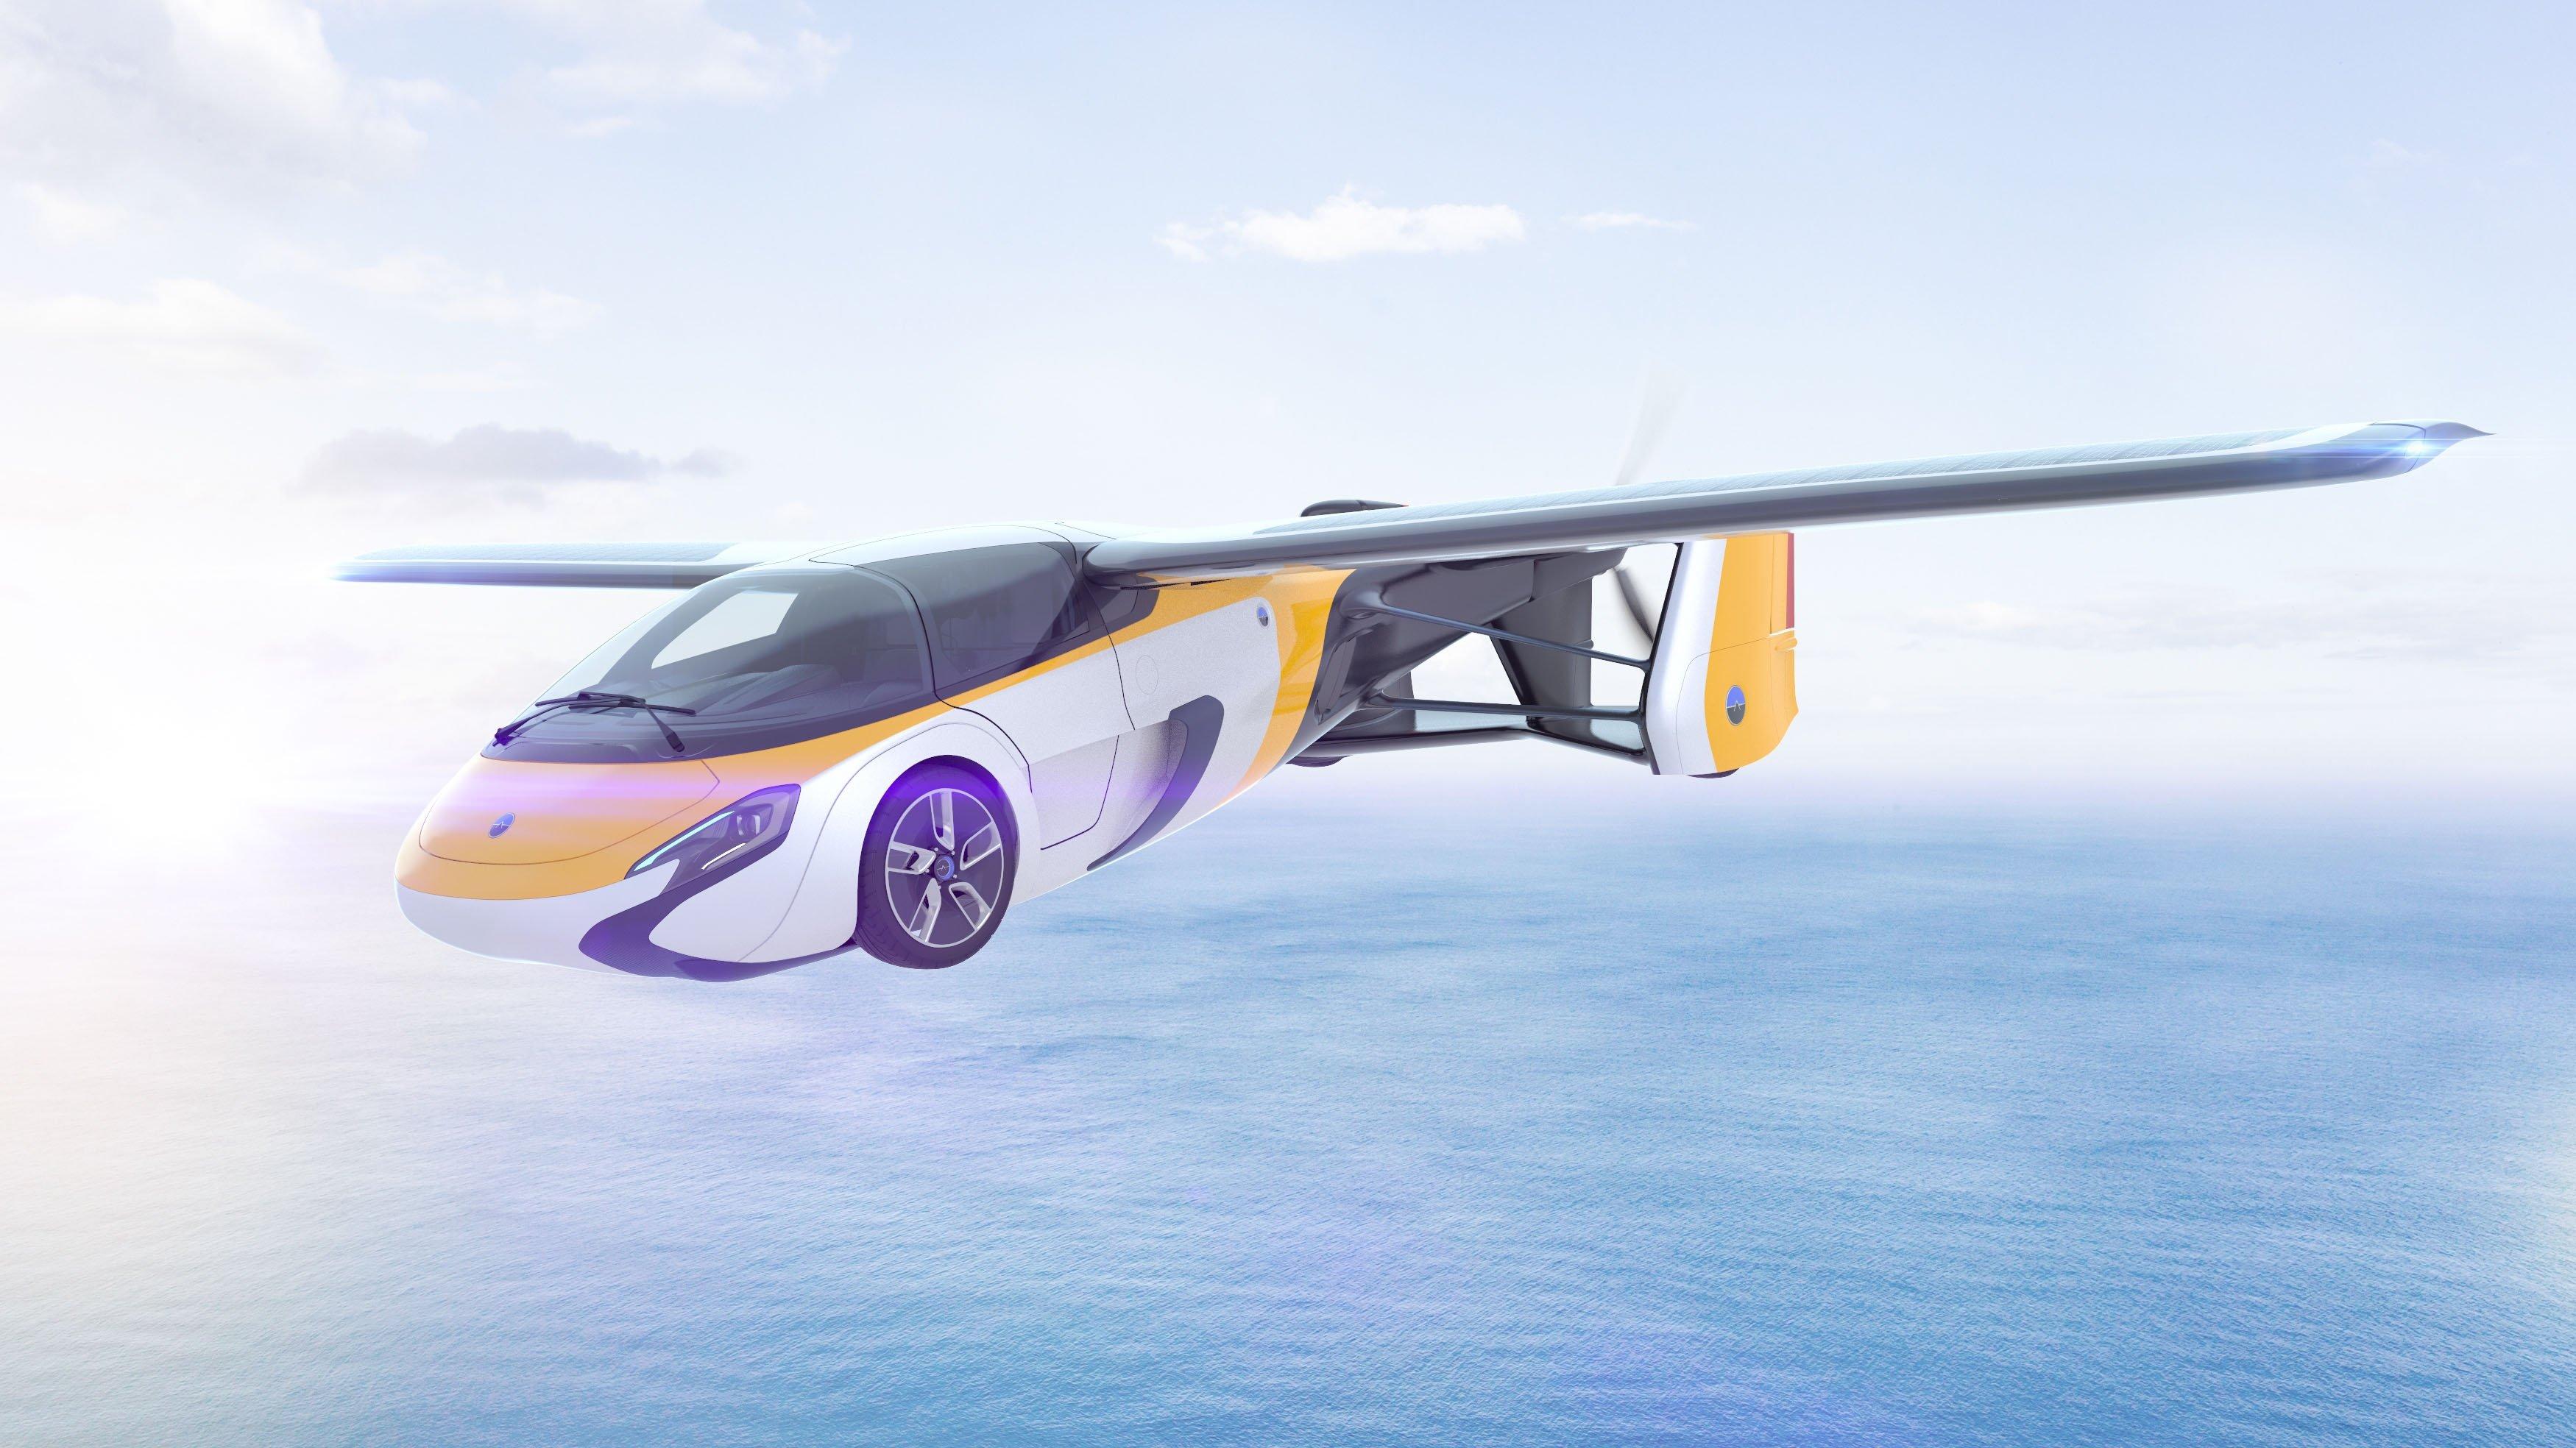 carro voador em imagem